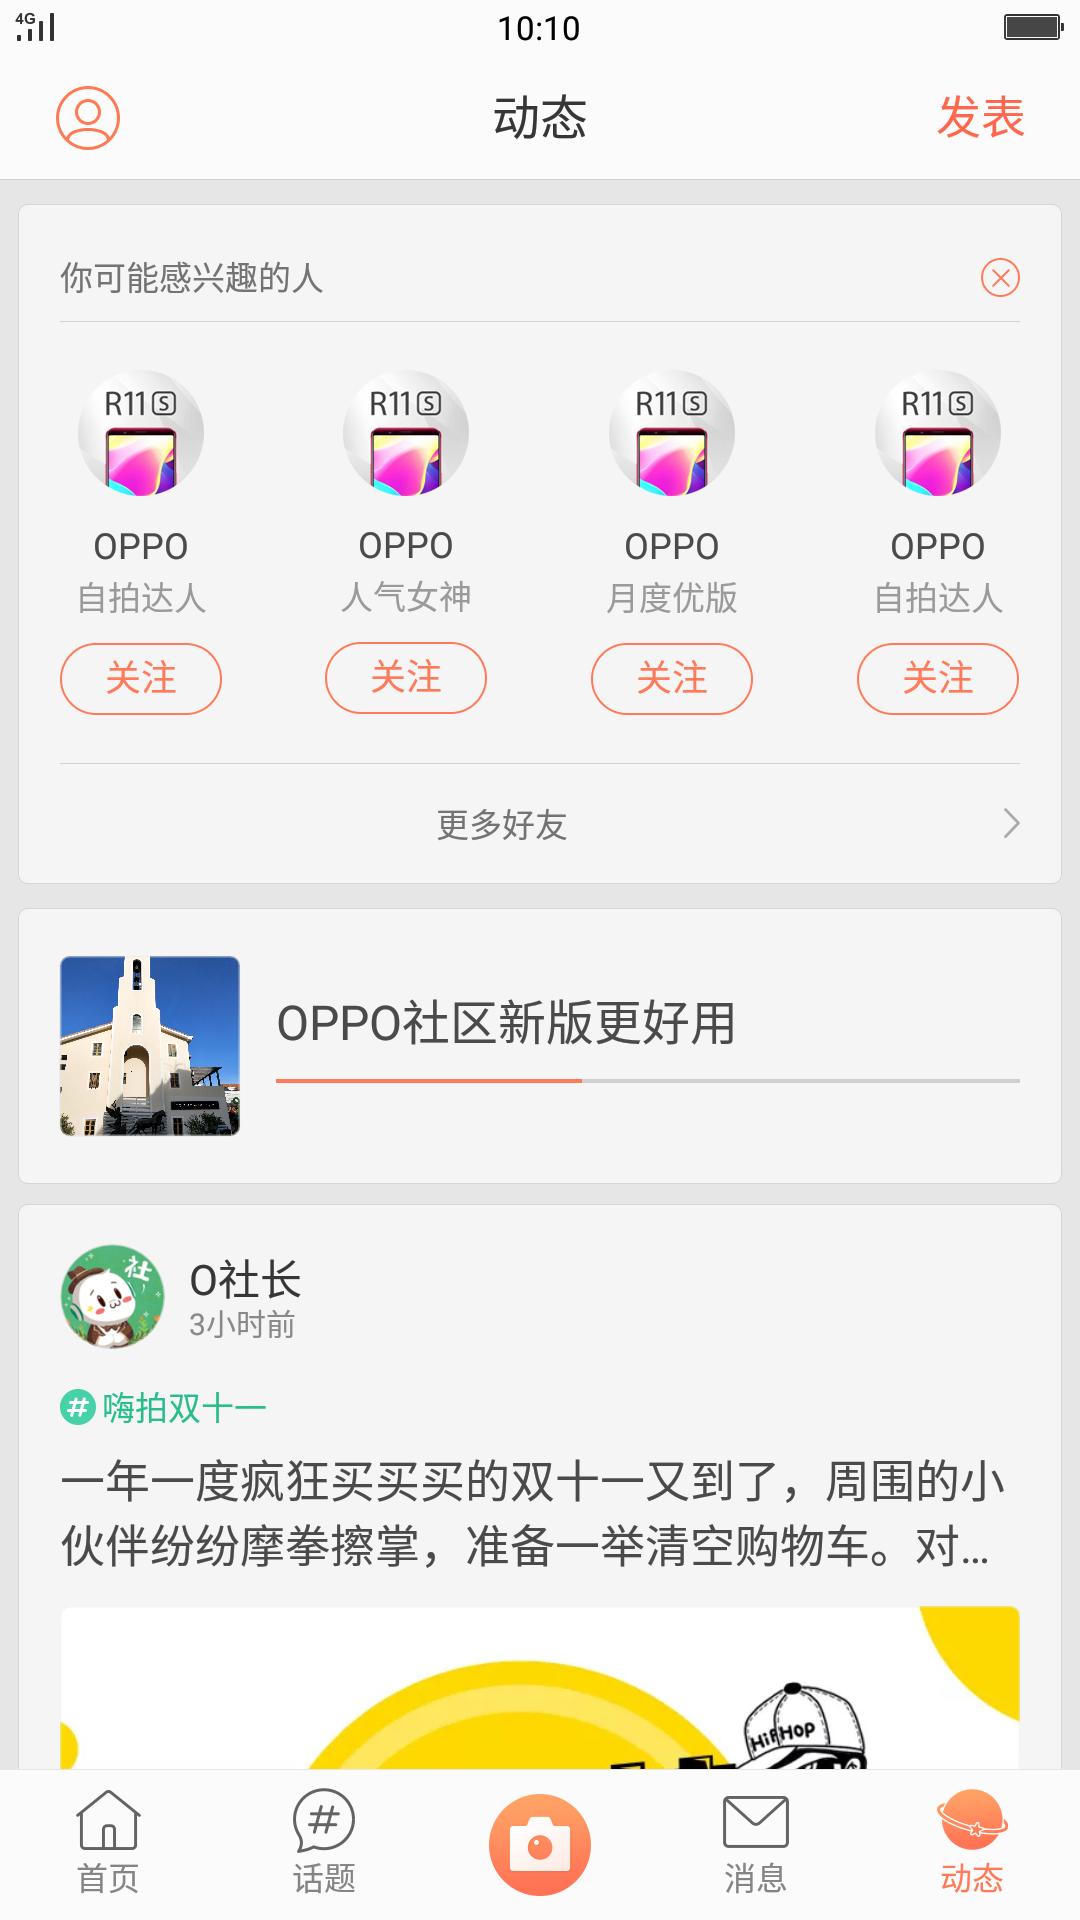 OPPO社区-应用截图